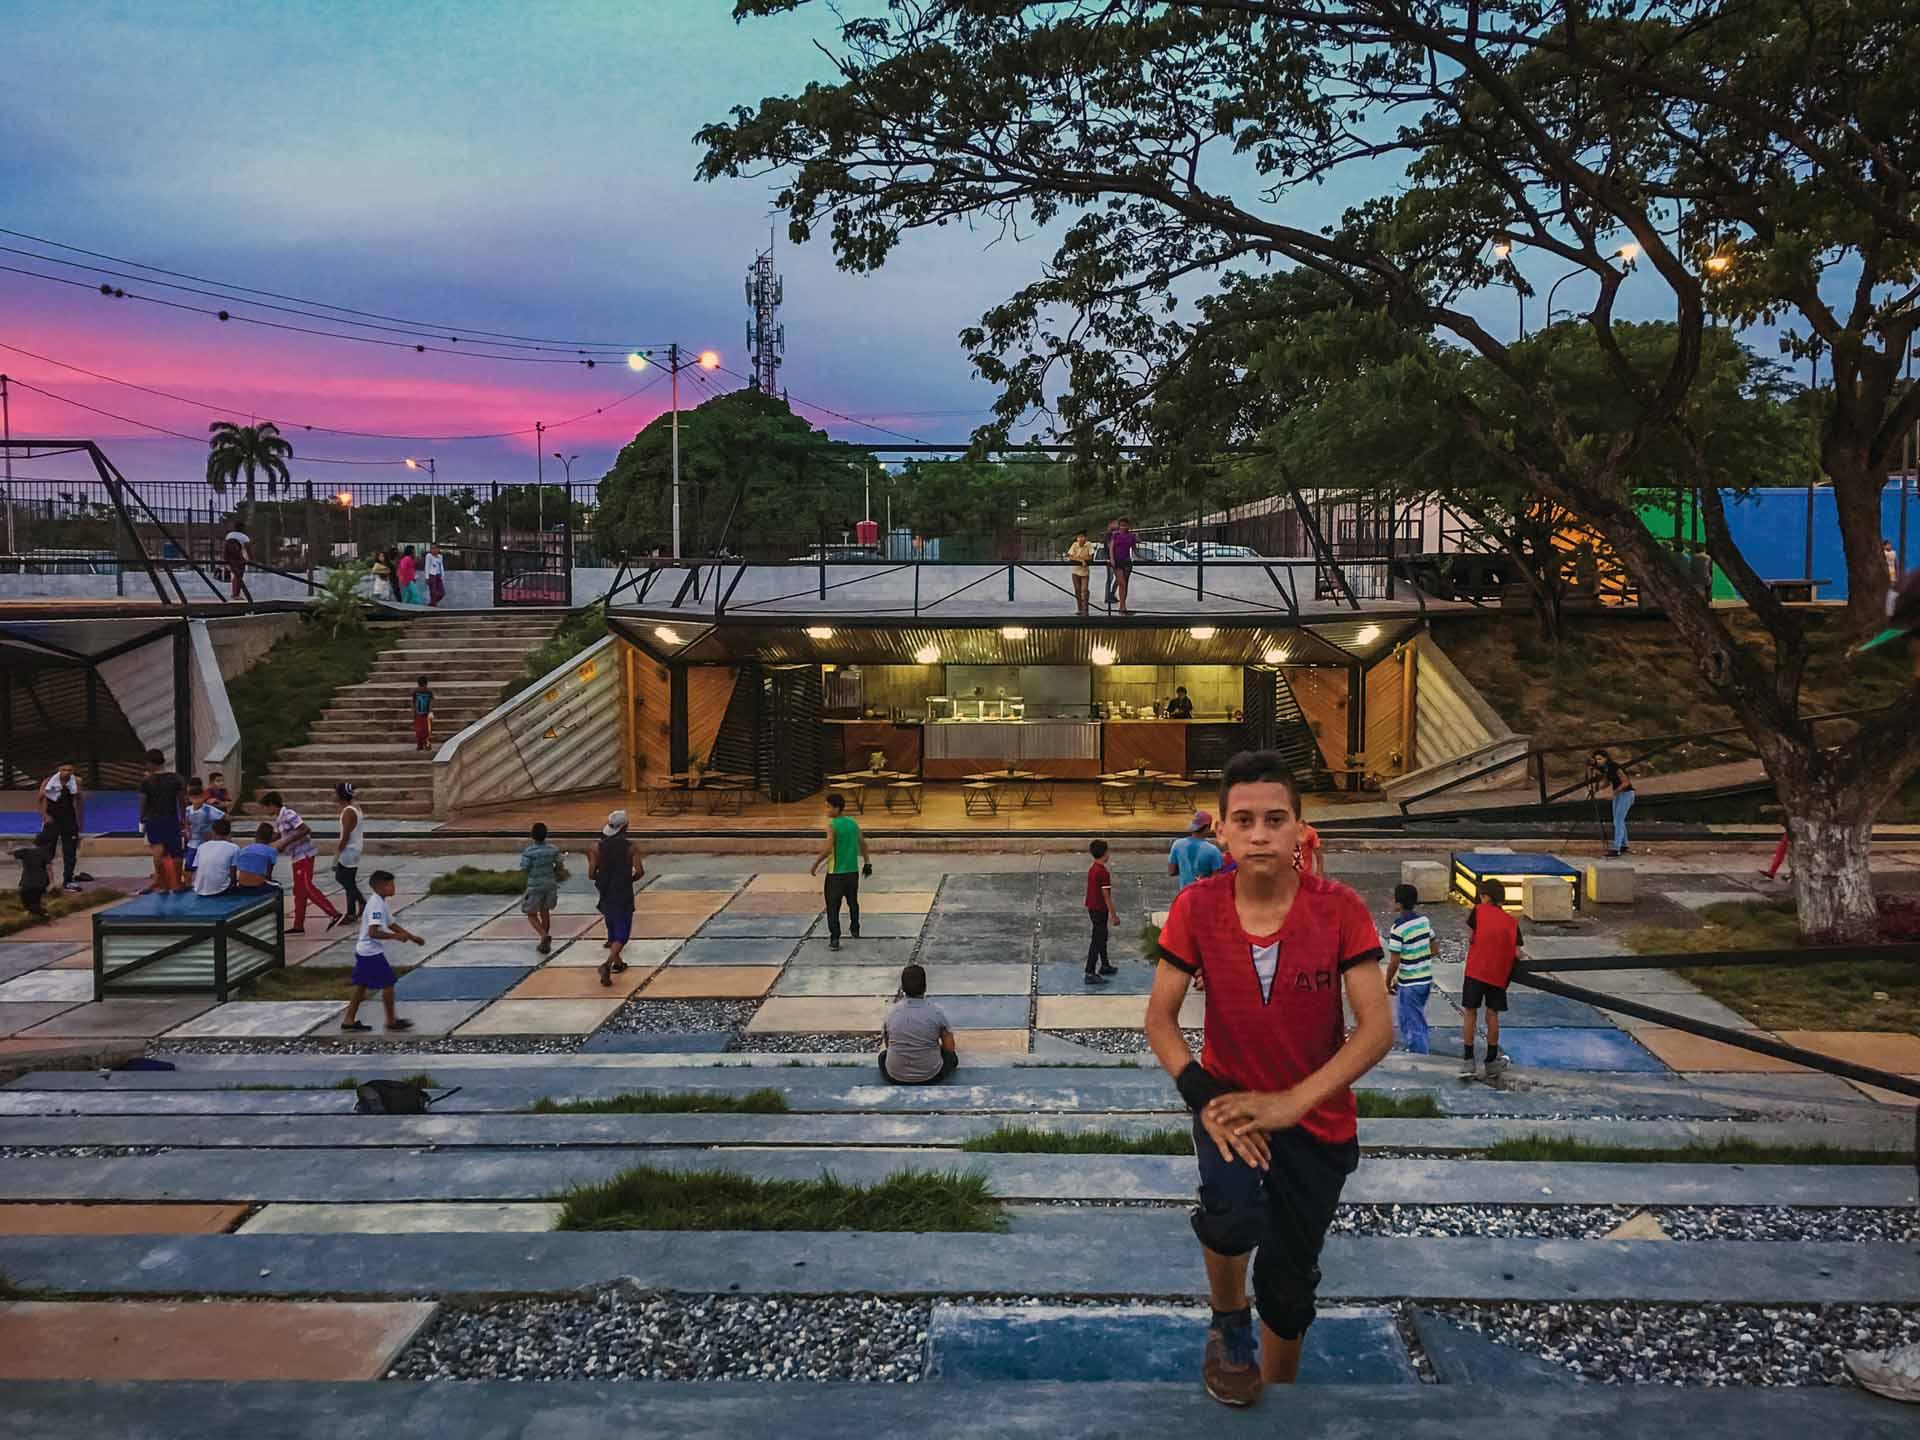 Parque industrial y Cultural Barquisimeto-Venezuela 2015